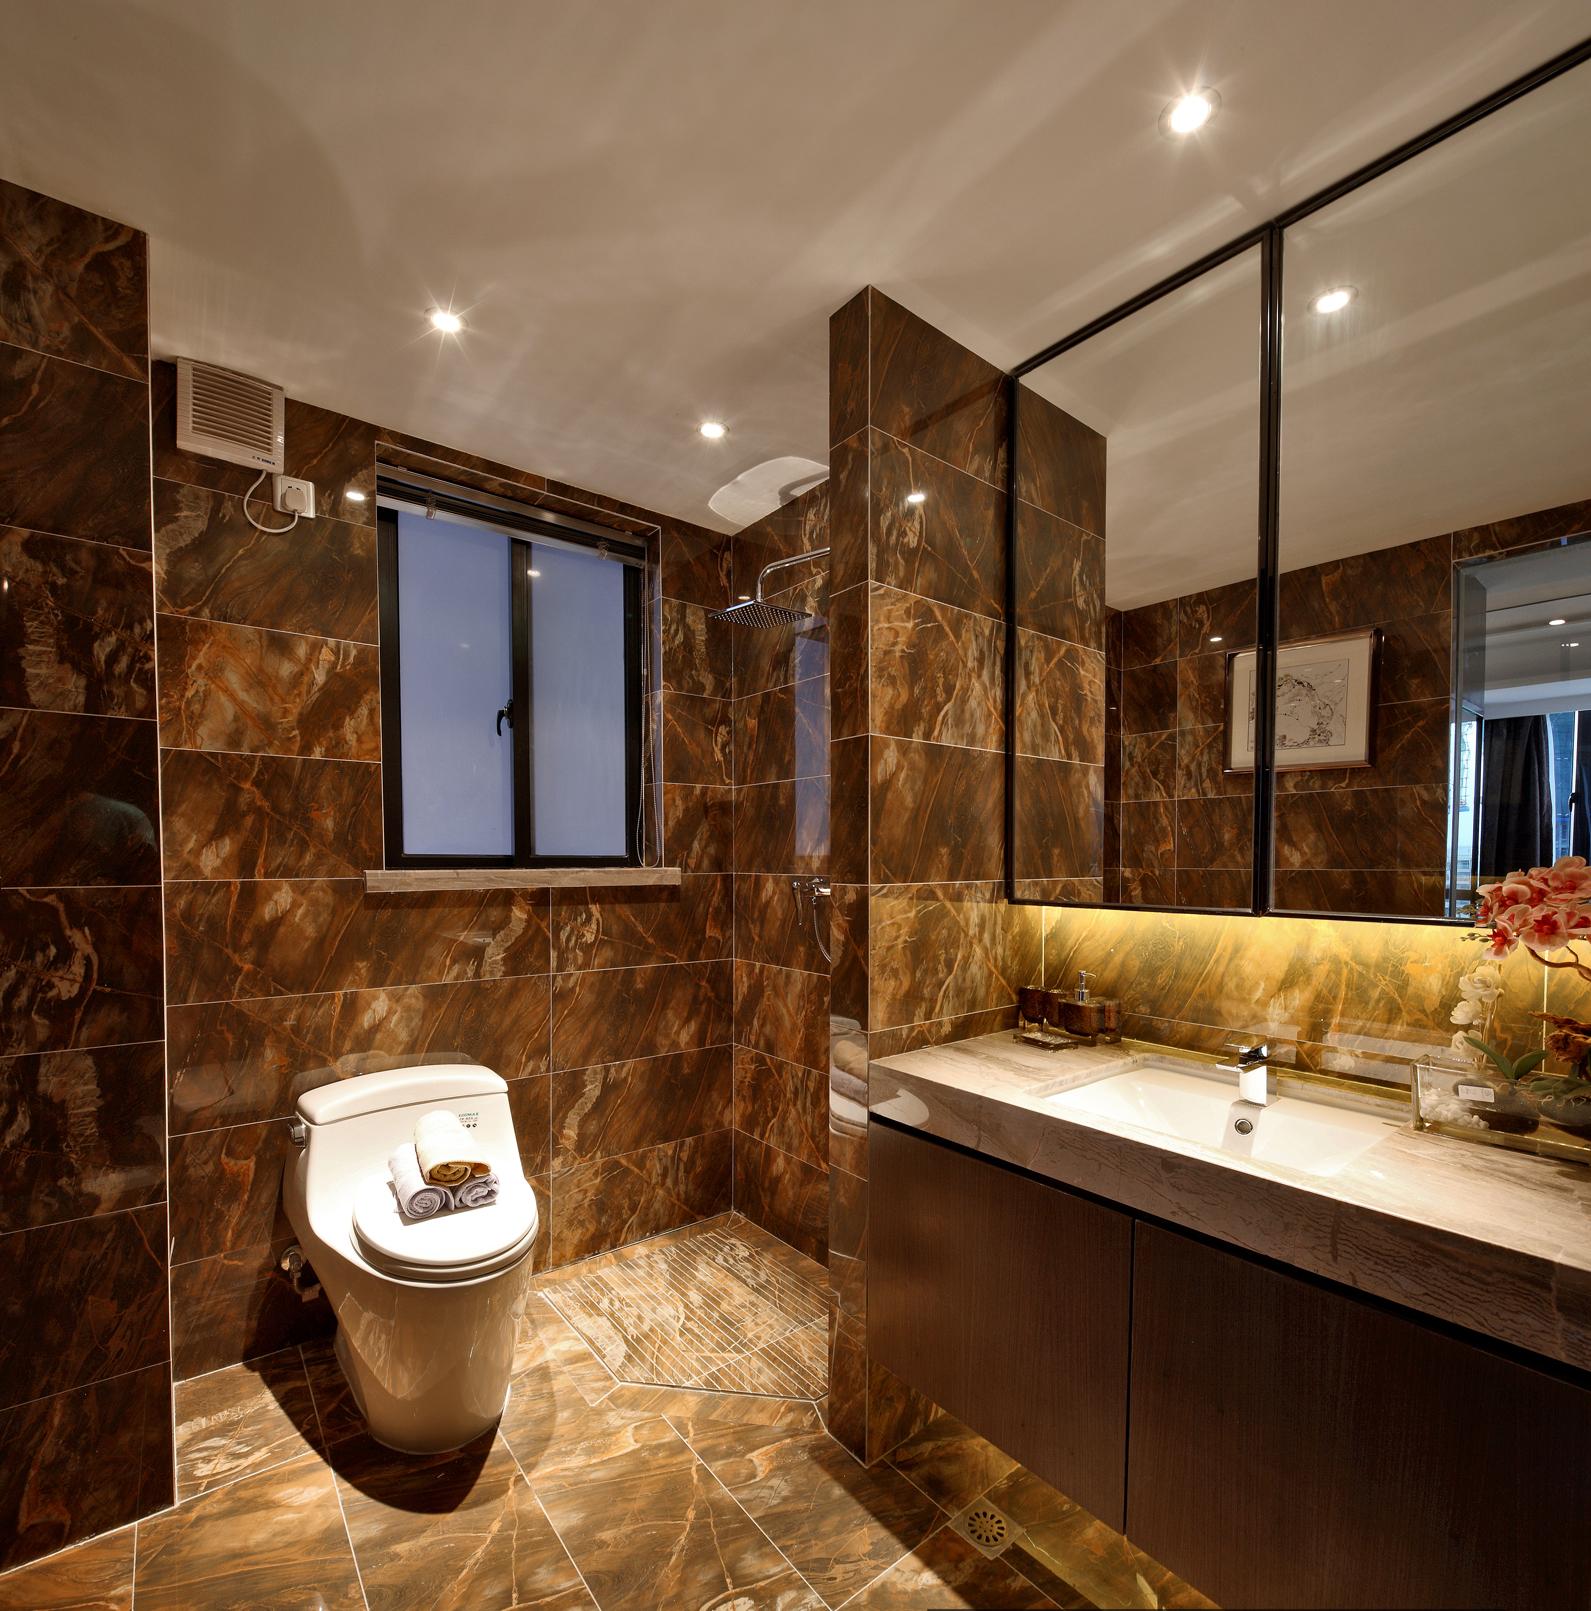 混搭风格 现代简约 新房装修 旧房改造 卫生间图片来自周海真在115.